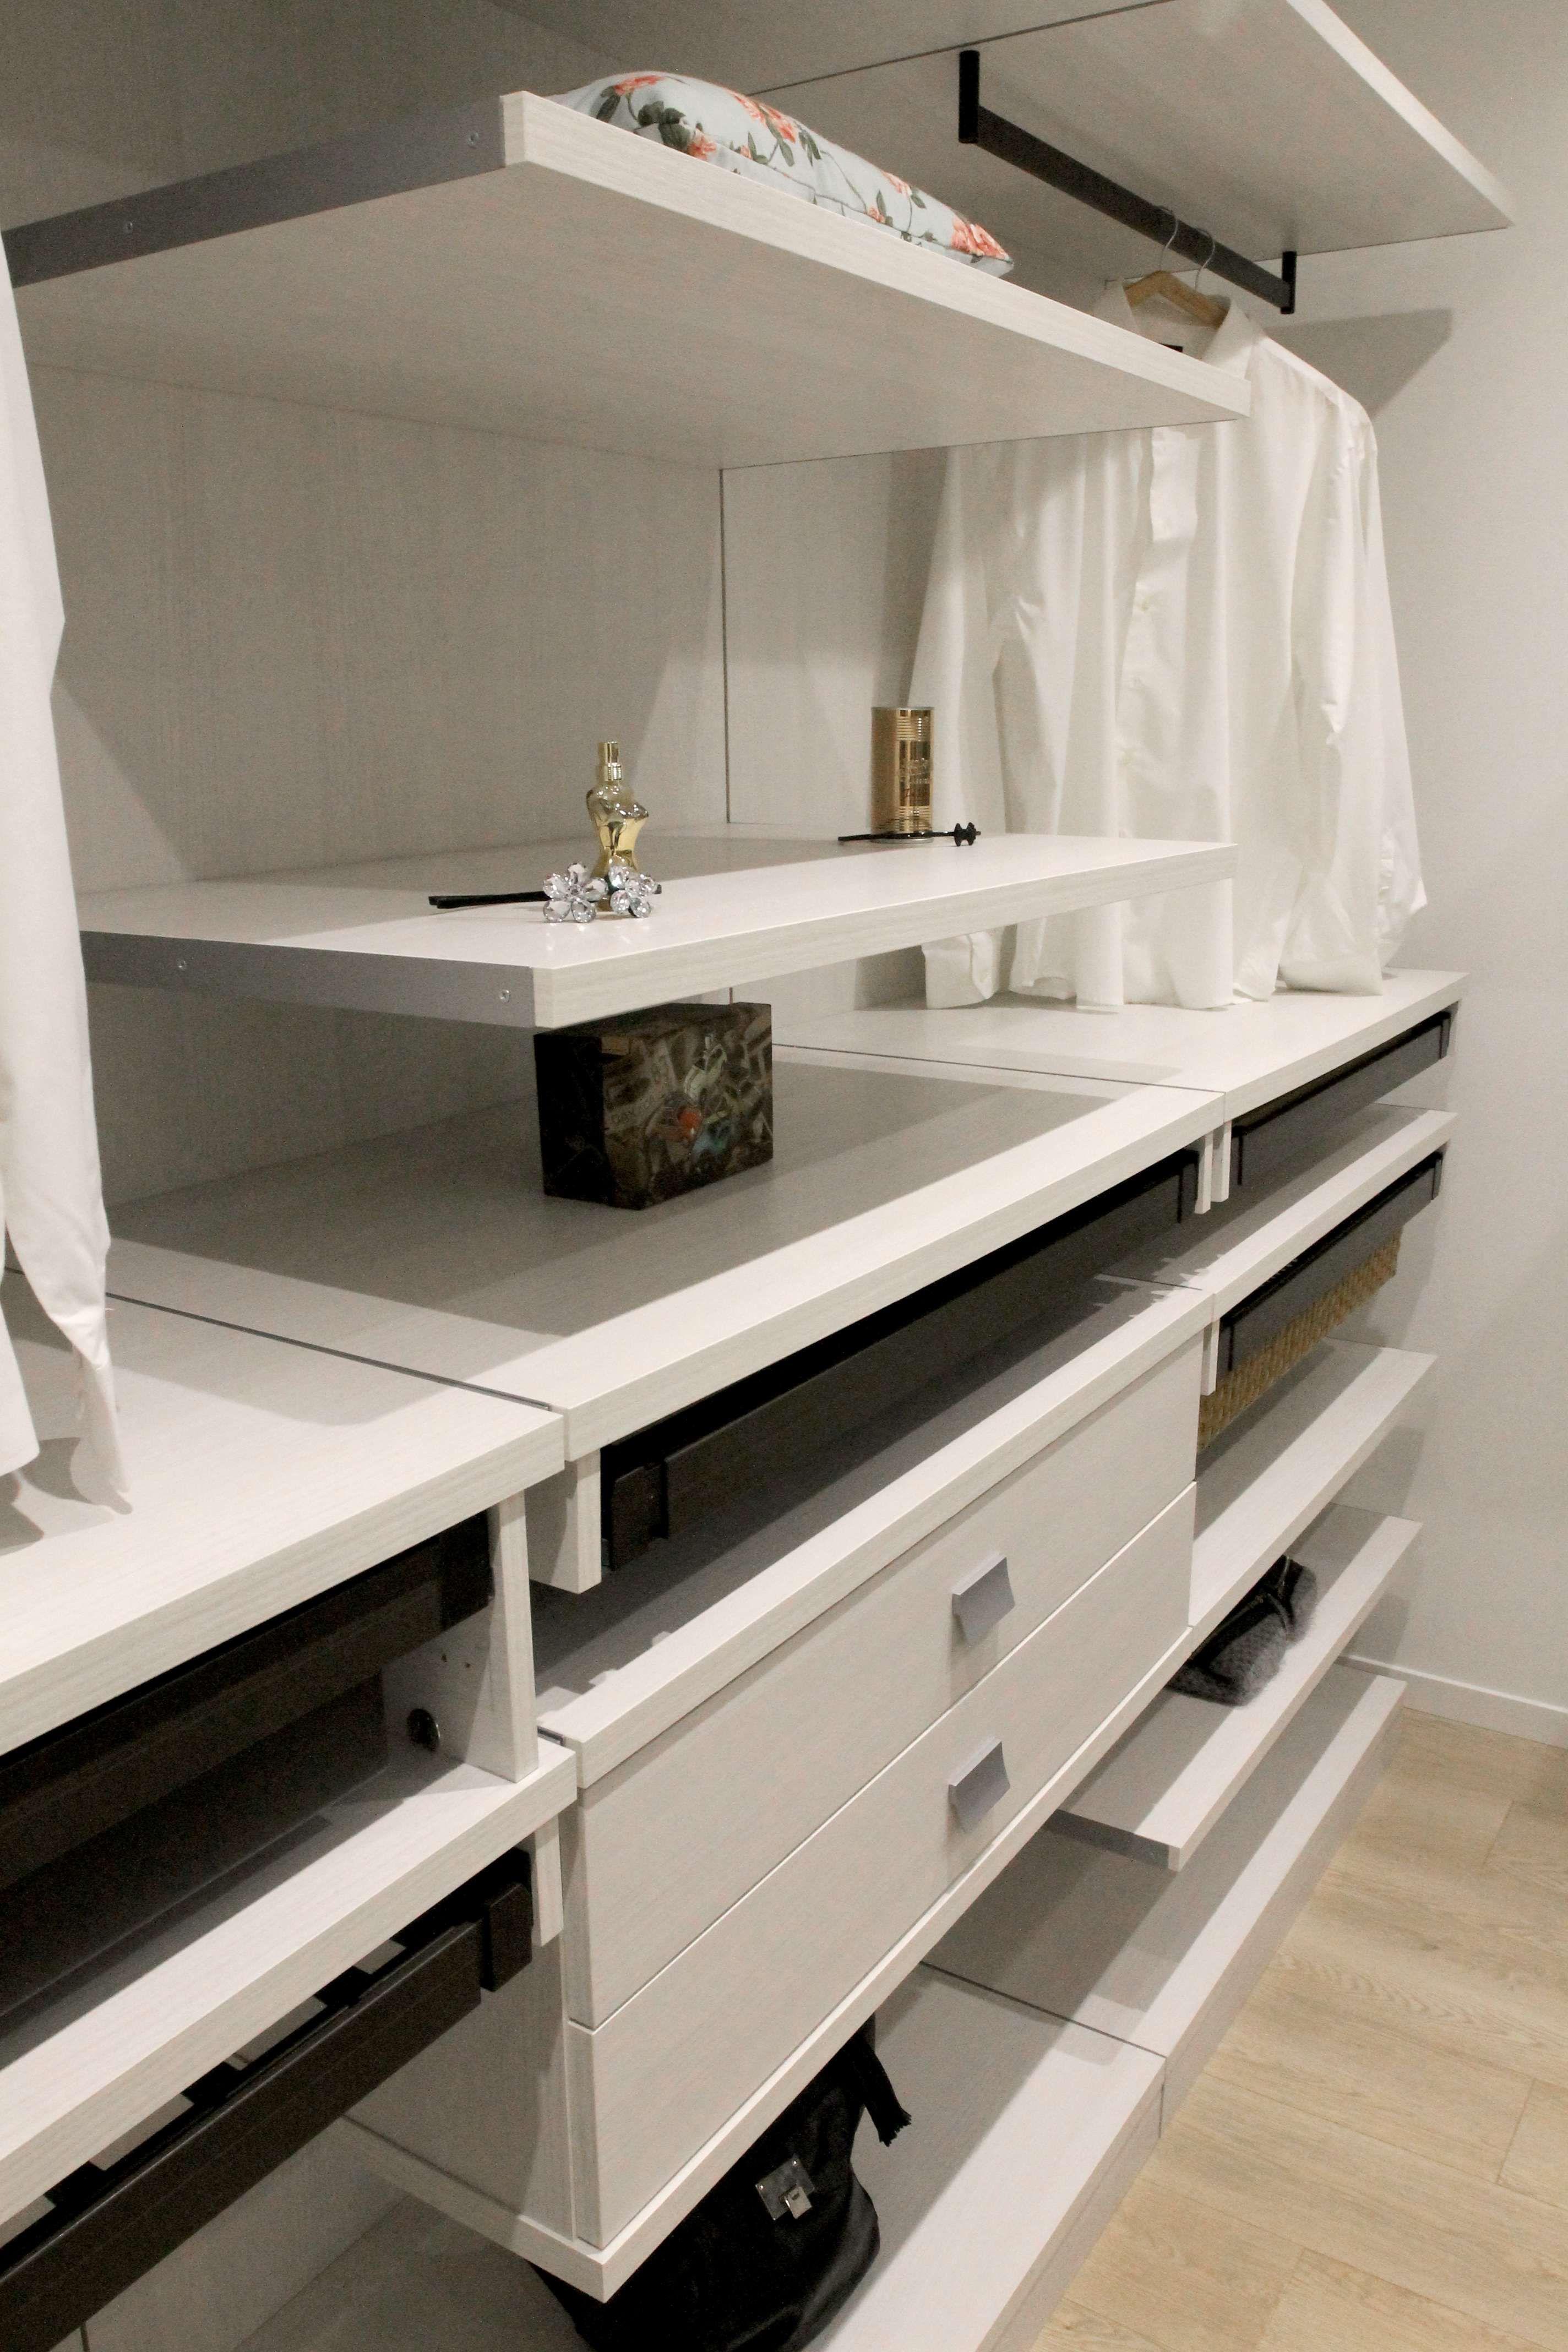 Interiores de armario en Guipúzcoa